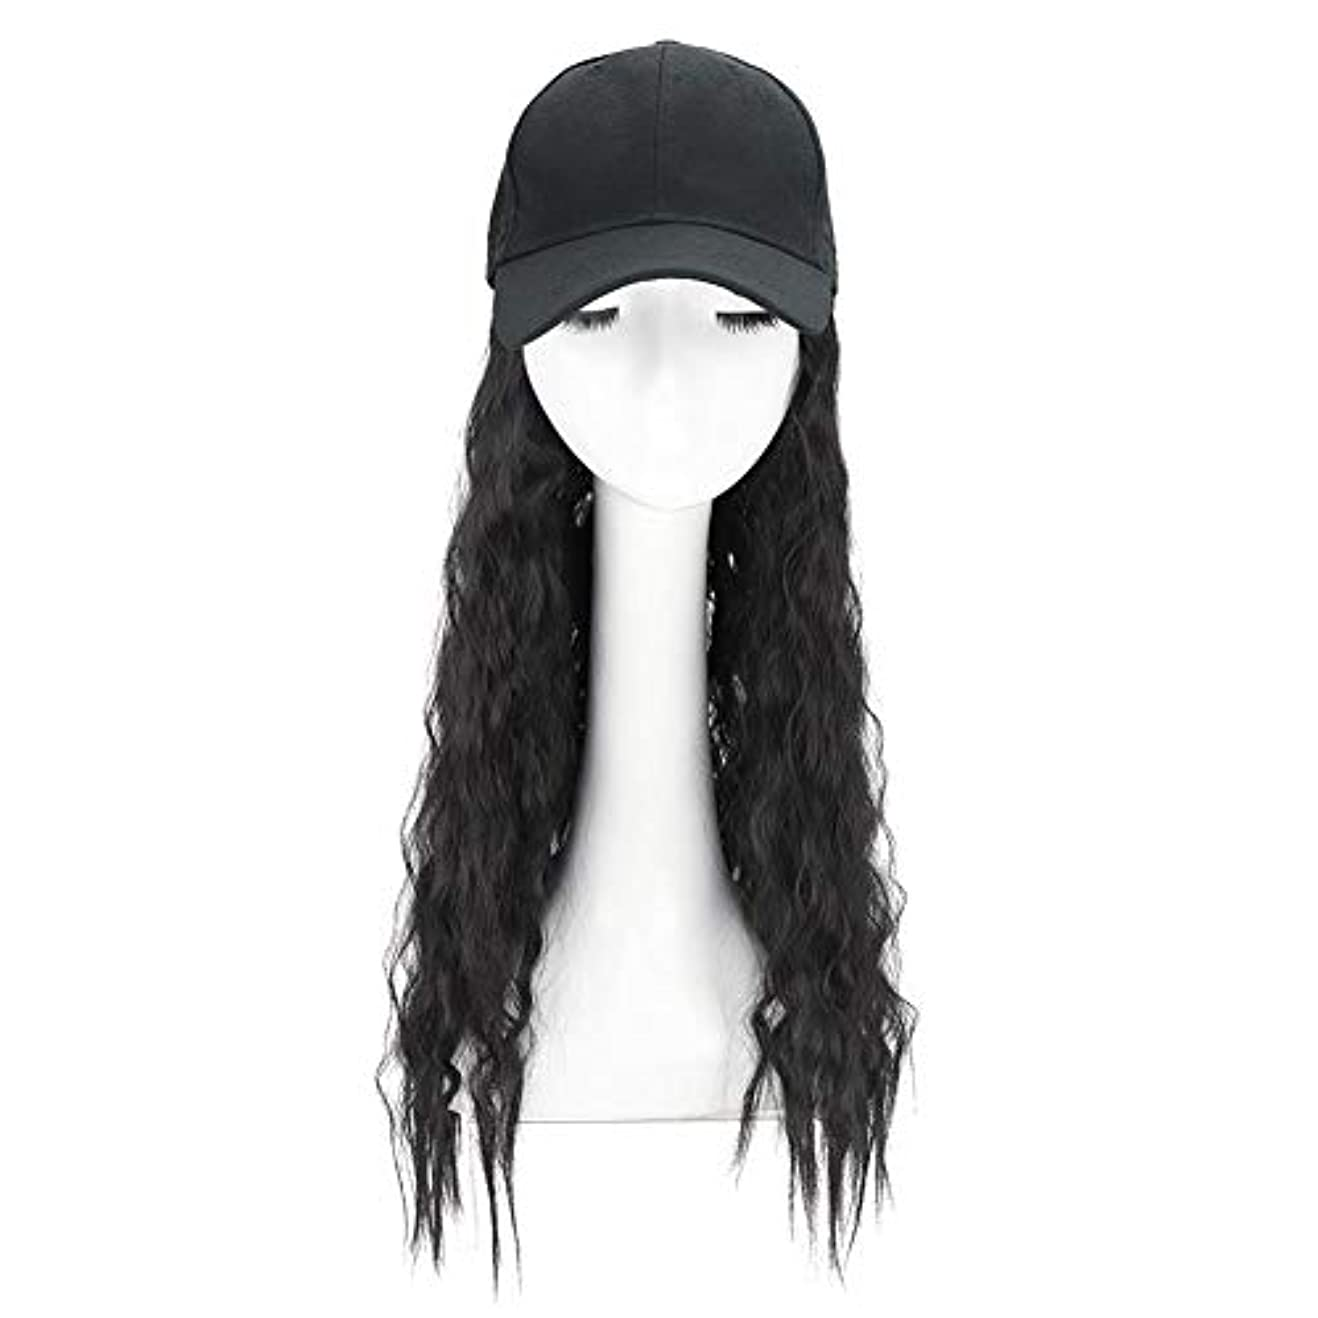 広告主乱れサイクロプスBrill(ブリーオ)帽子ロングカーリーウェーブ女性ファッション野球帽ブラックウィッグ